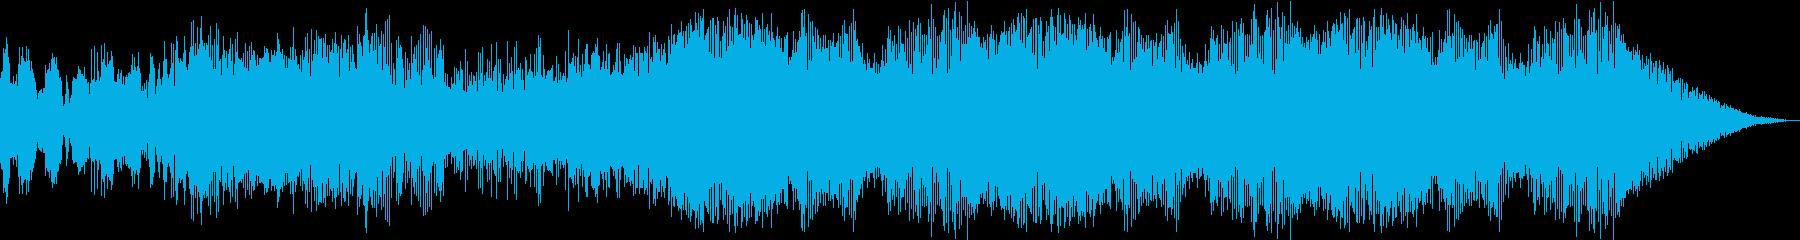 【ホラー】 【ゲーム】 緊迫の再生済みの波形